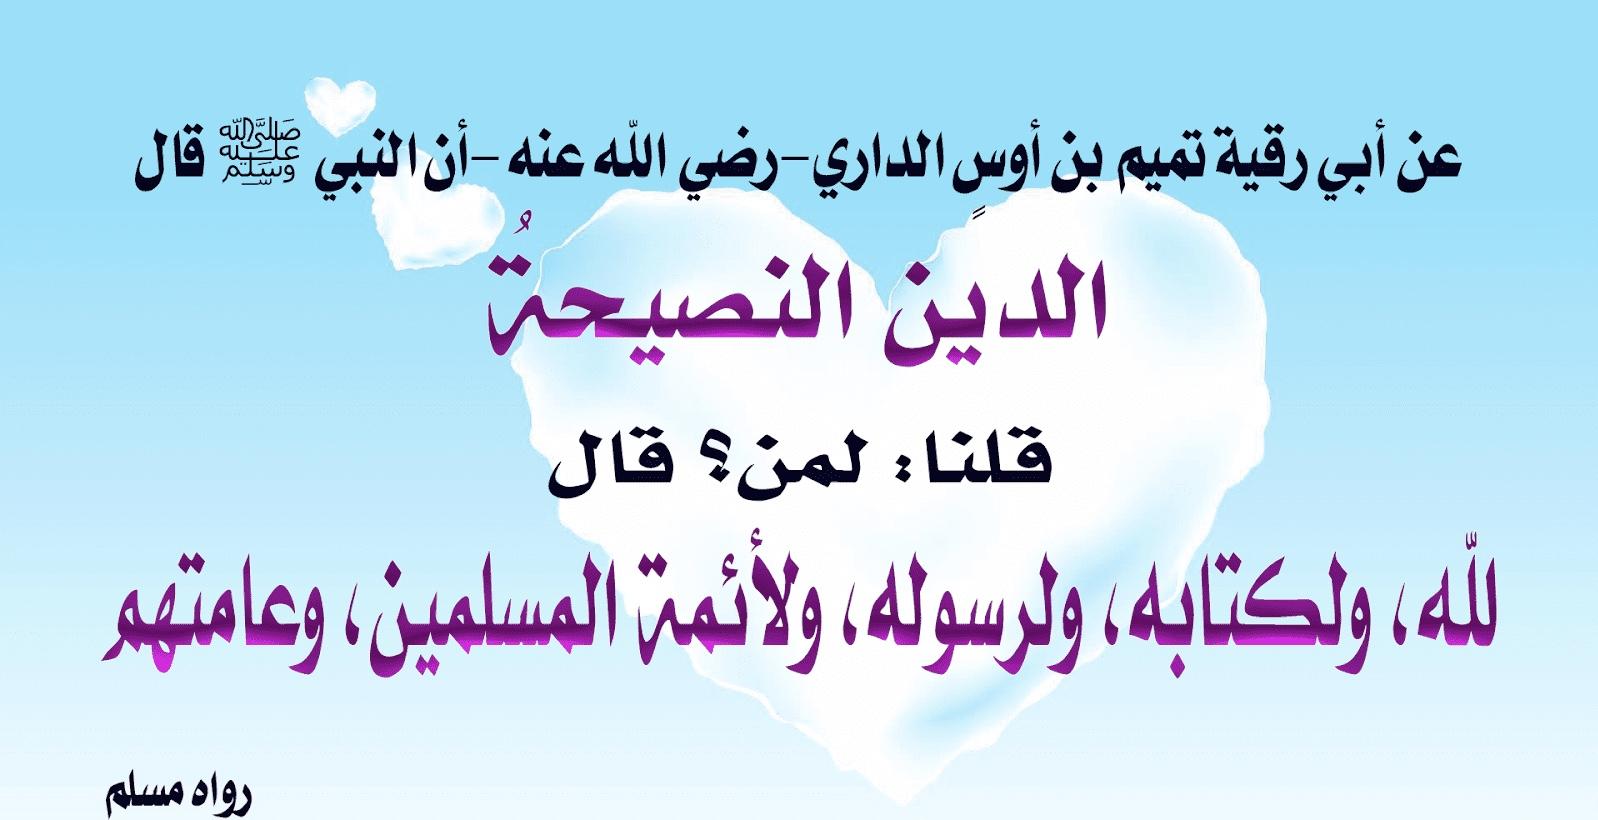 O Conselho do Profeta ﷺ